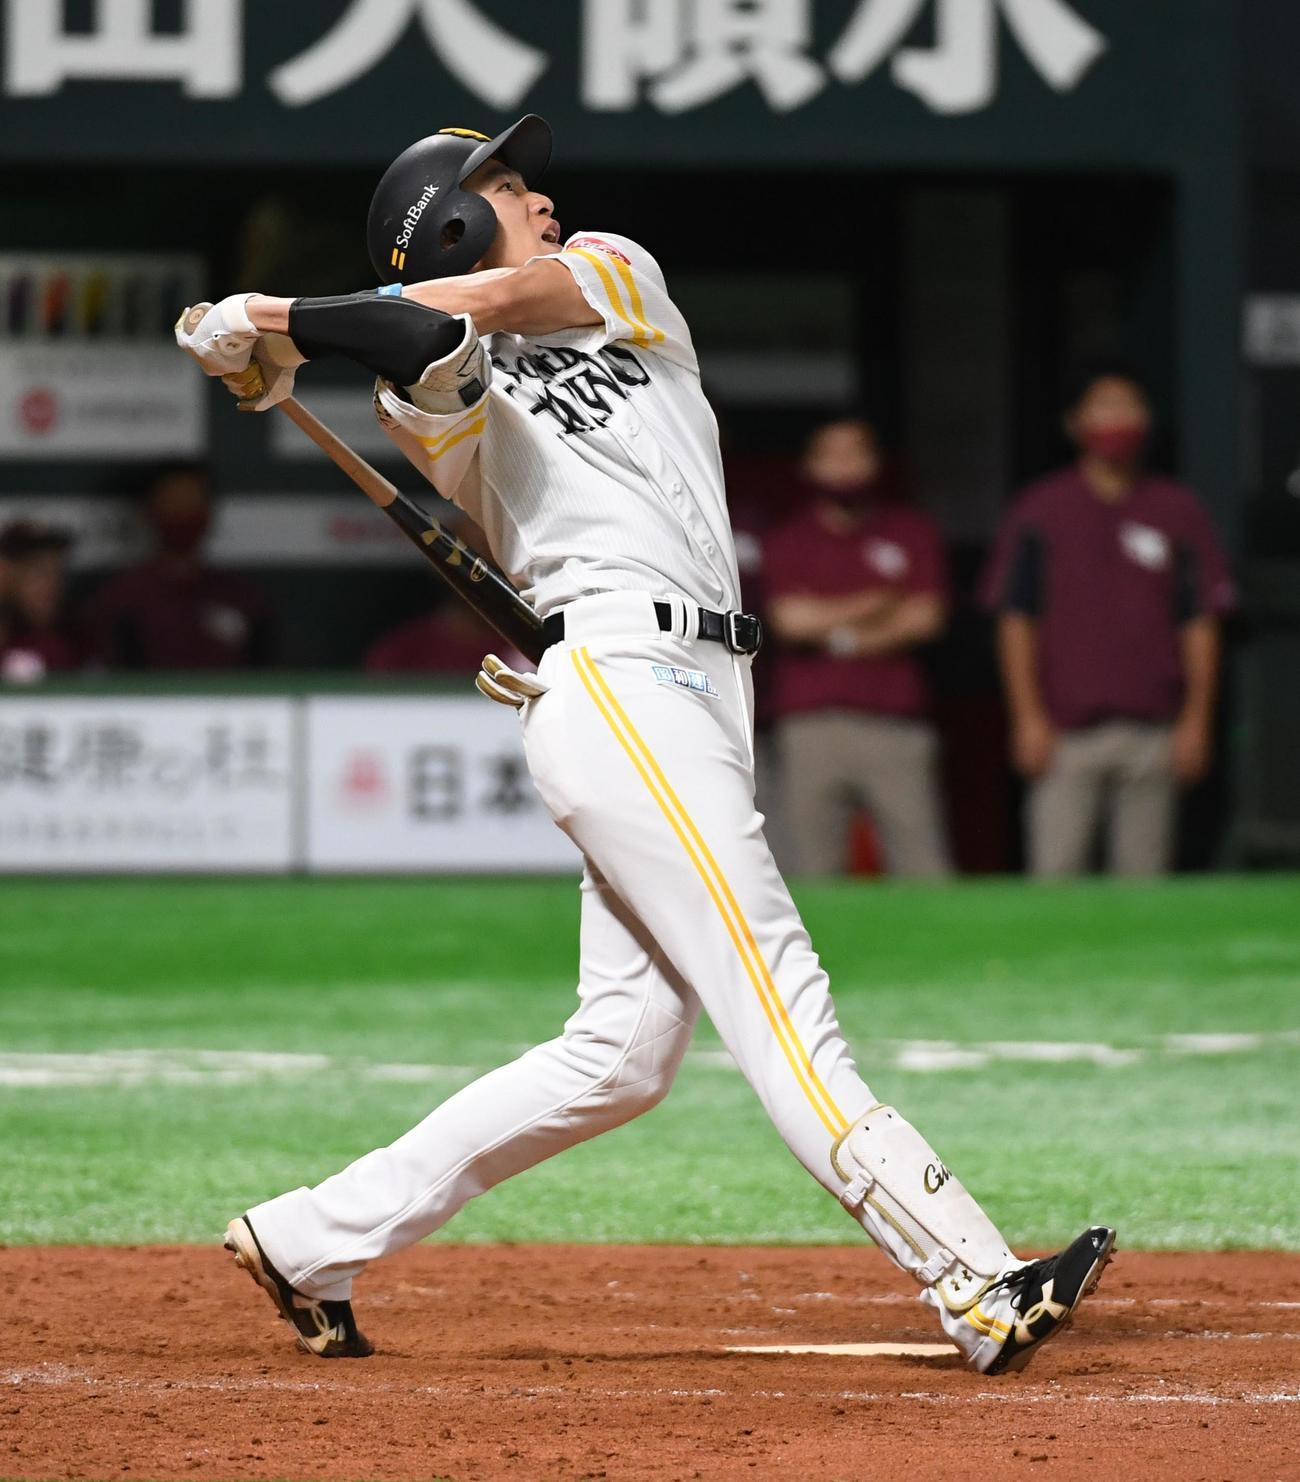 ソフトバンク対楽天 10回裏ソフトバンク情報無死、柳田悠岐は中越えにサヨナラ本塁打を放つ(2020年7月10日撮影)